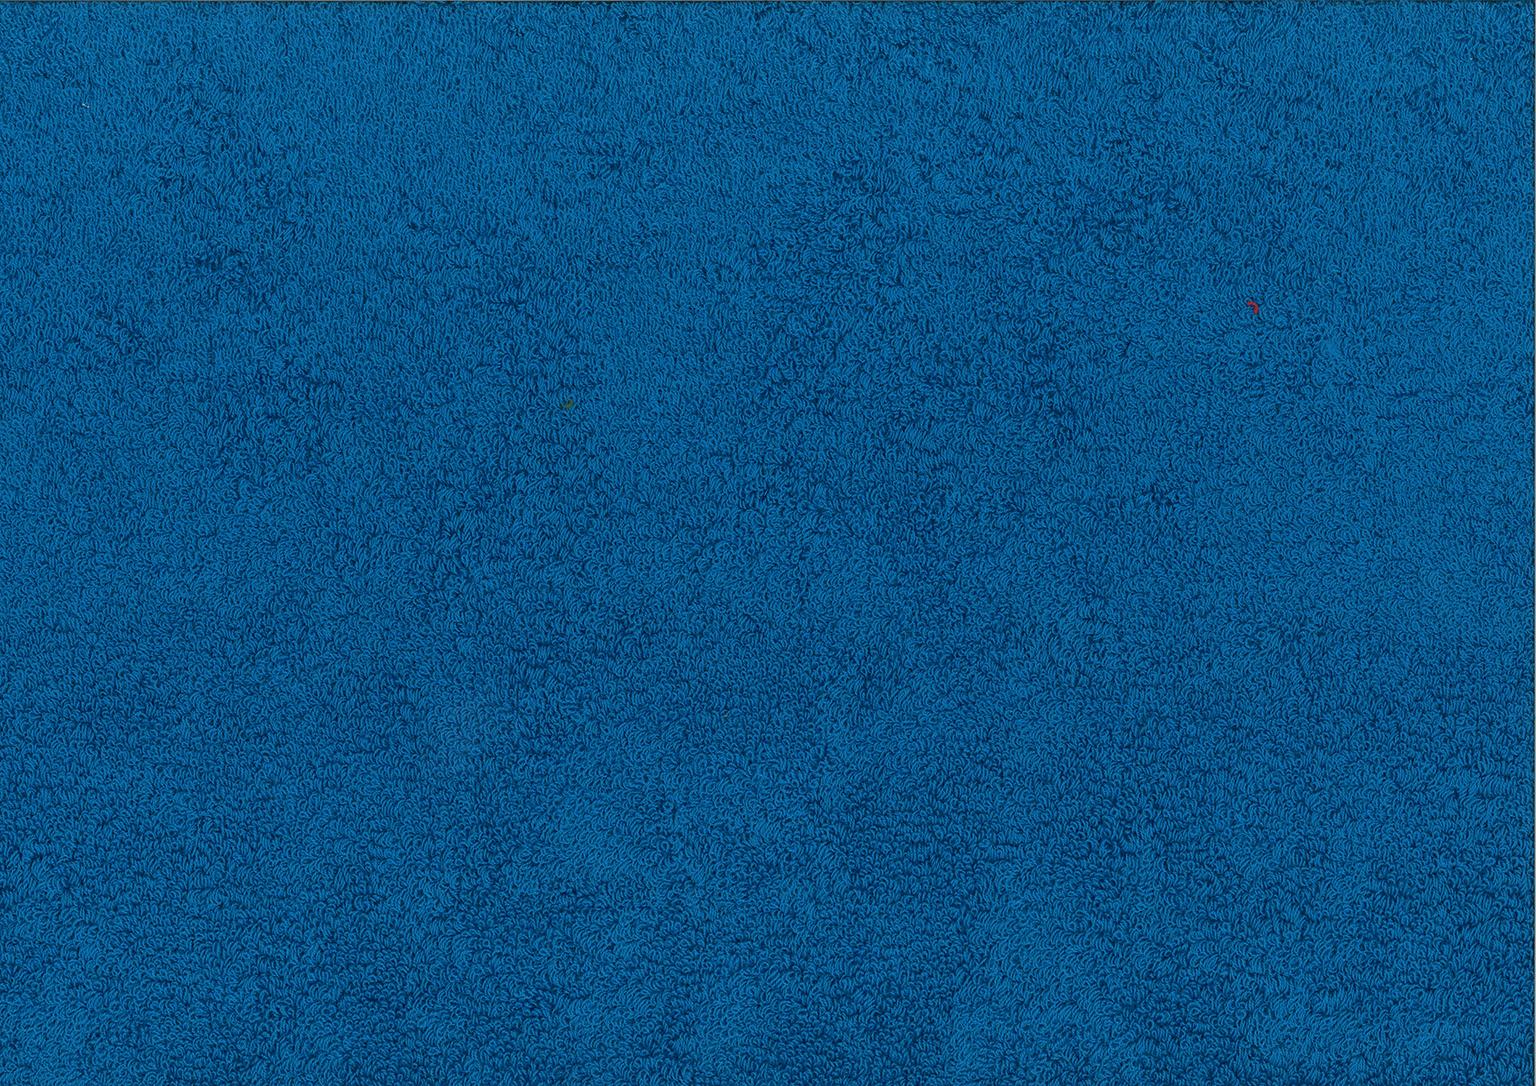 FLORIDA LIGHT Tourquoise